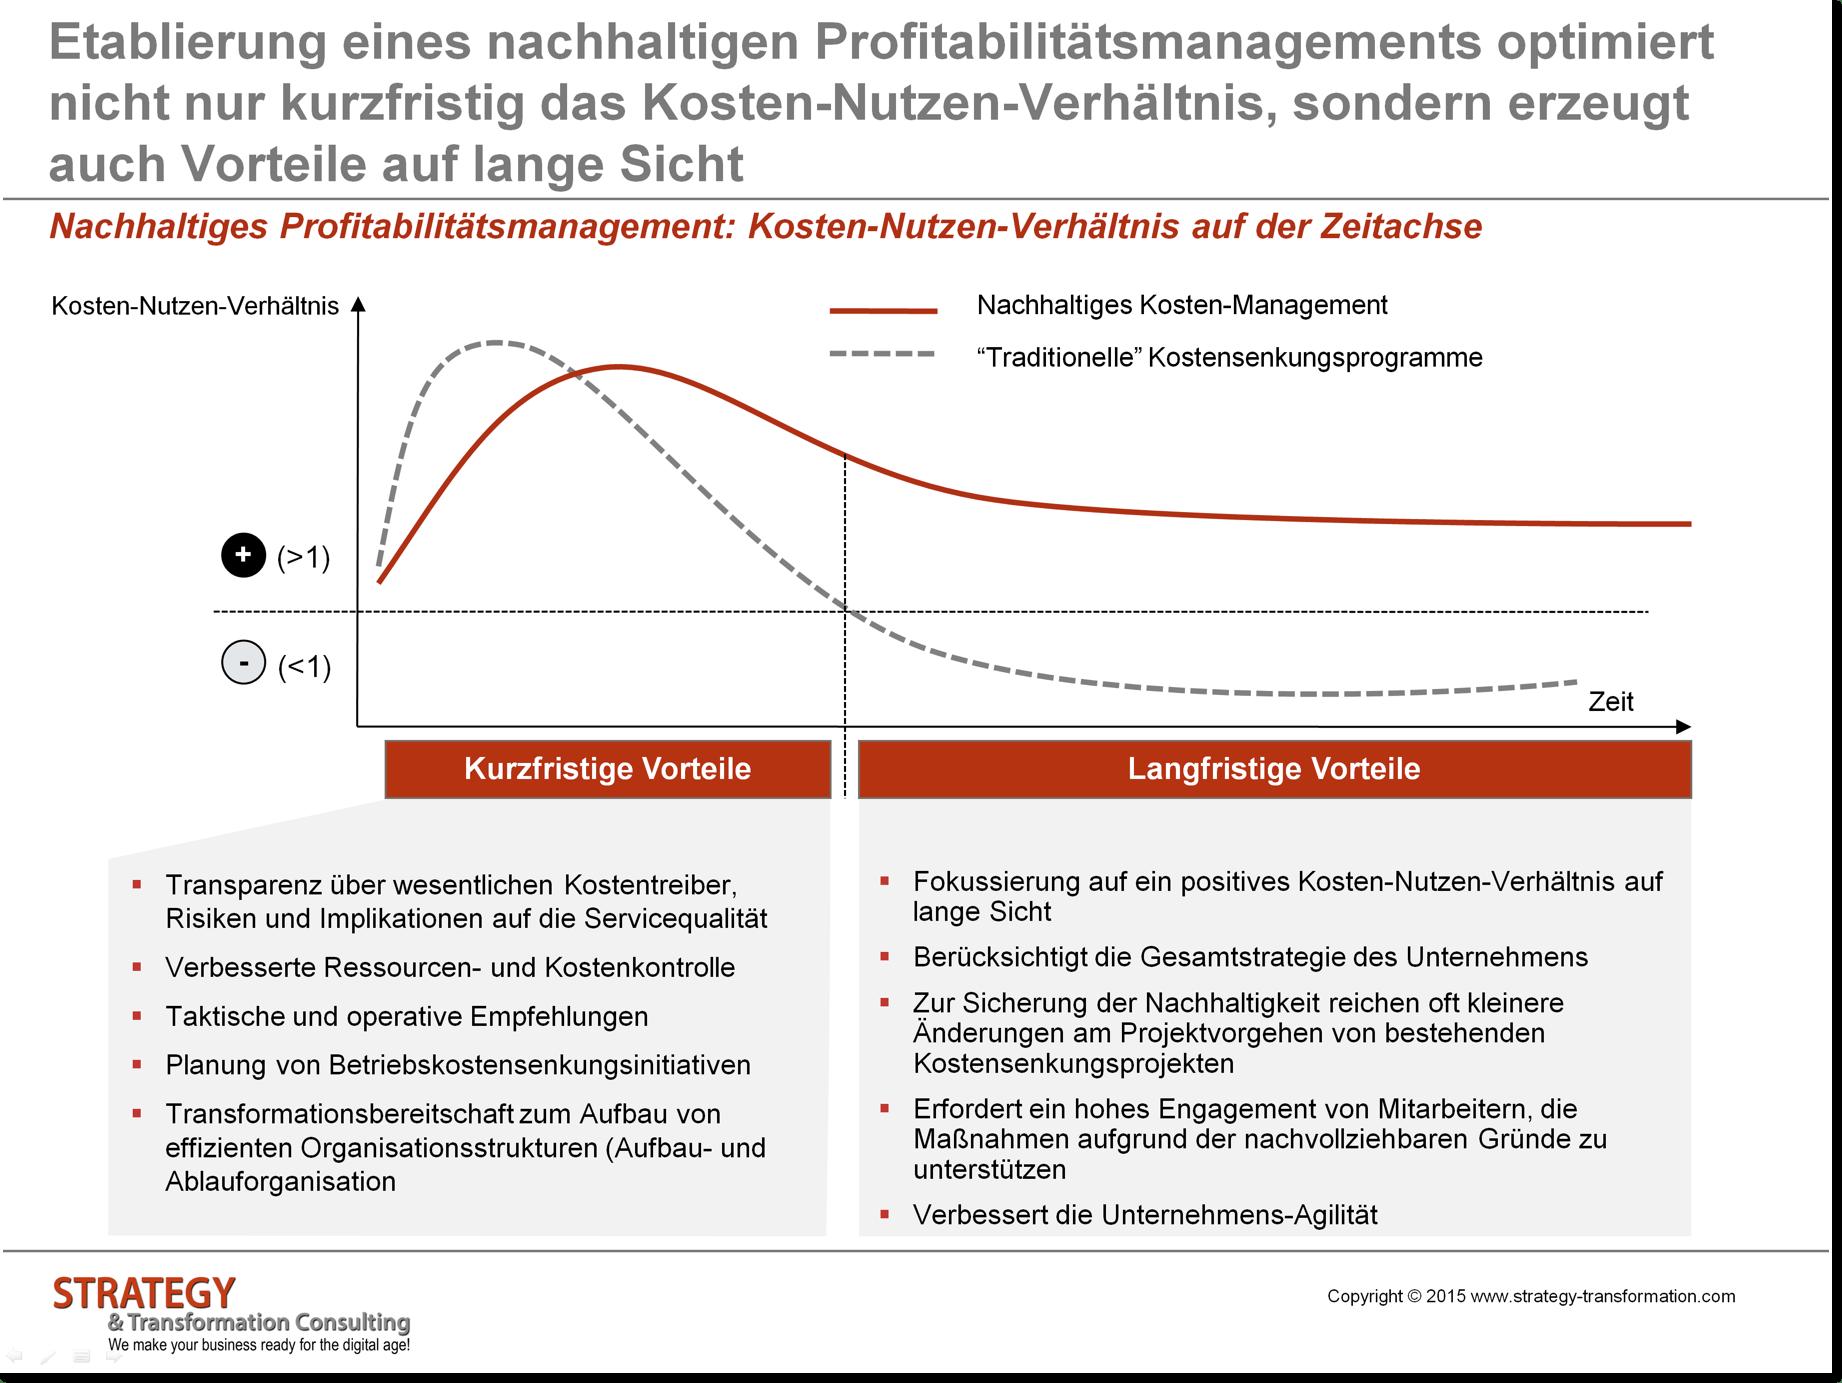 Kosten-Nutzen-Verhältnis für nachhaltiges Profitabilitätsmanagement